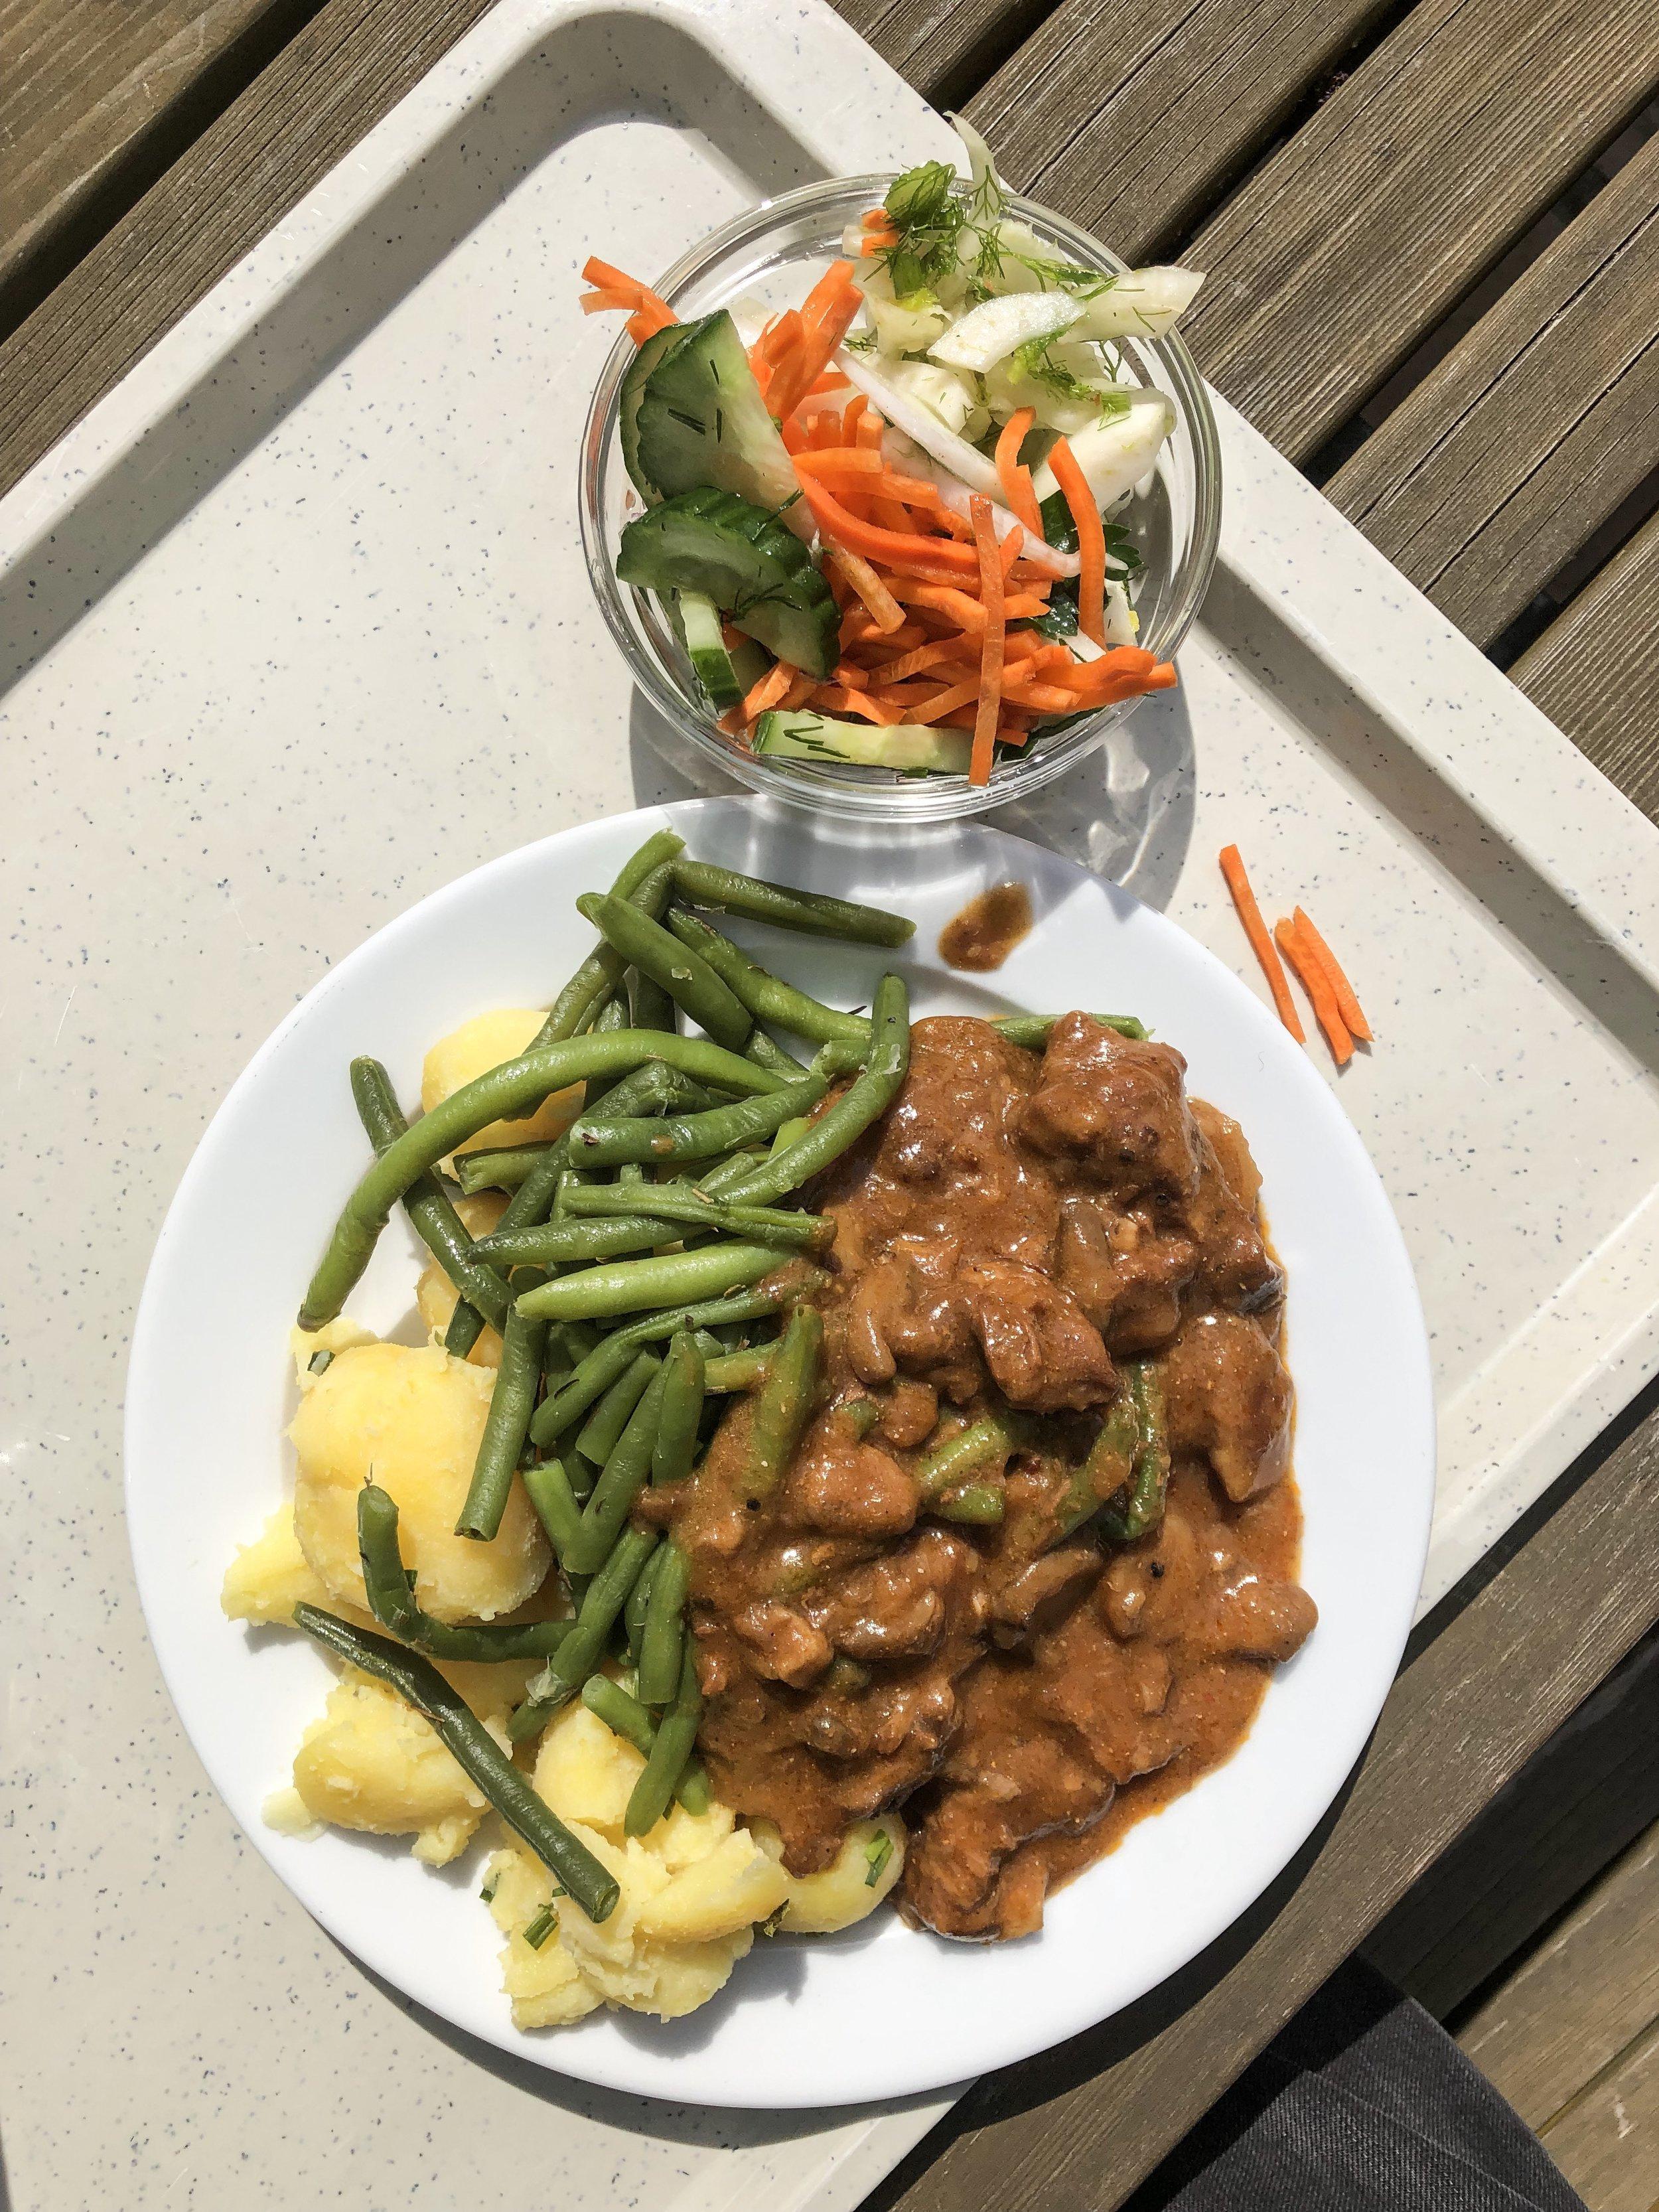 Aufgetaut, verkocht, wässrig und nicht abgeschmeckt, so sieht leider die Realität vieler Mensen aus. Immerhin der Salat wird in Weißensee noch vor Ort zubereitet und aus echten Lebensmitteln geschnitten.